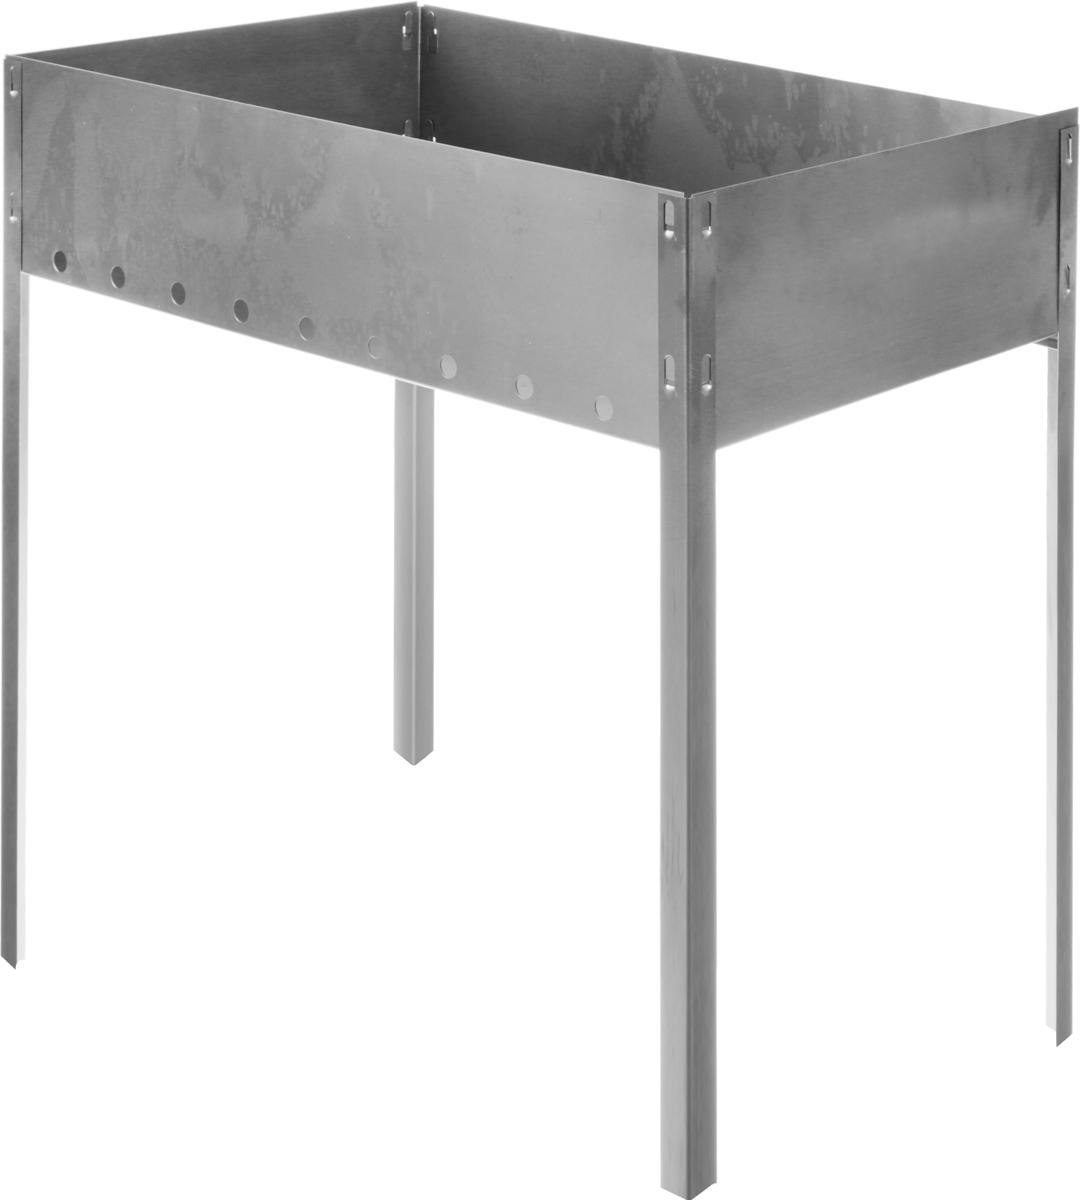 Мангал складной RoyalGrill, 50 х 30 см80-045Складной мангал RoyalGrill является необходимым устройством для приготовления вкусного шашлыка на свежем воздухе. Изделие выполнено из стали.Представляя собой эффектную установку, мангал является и декоративный элементом, изумительно вписывающимся в ландшафт, и средством для приготовления горячих блюд на открытой площадке.